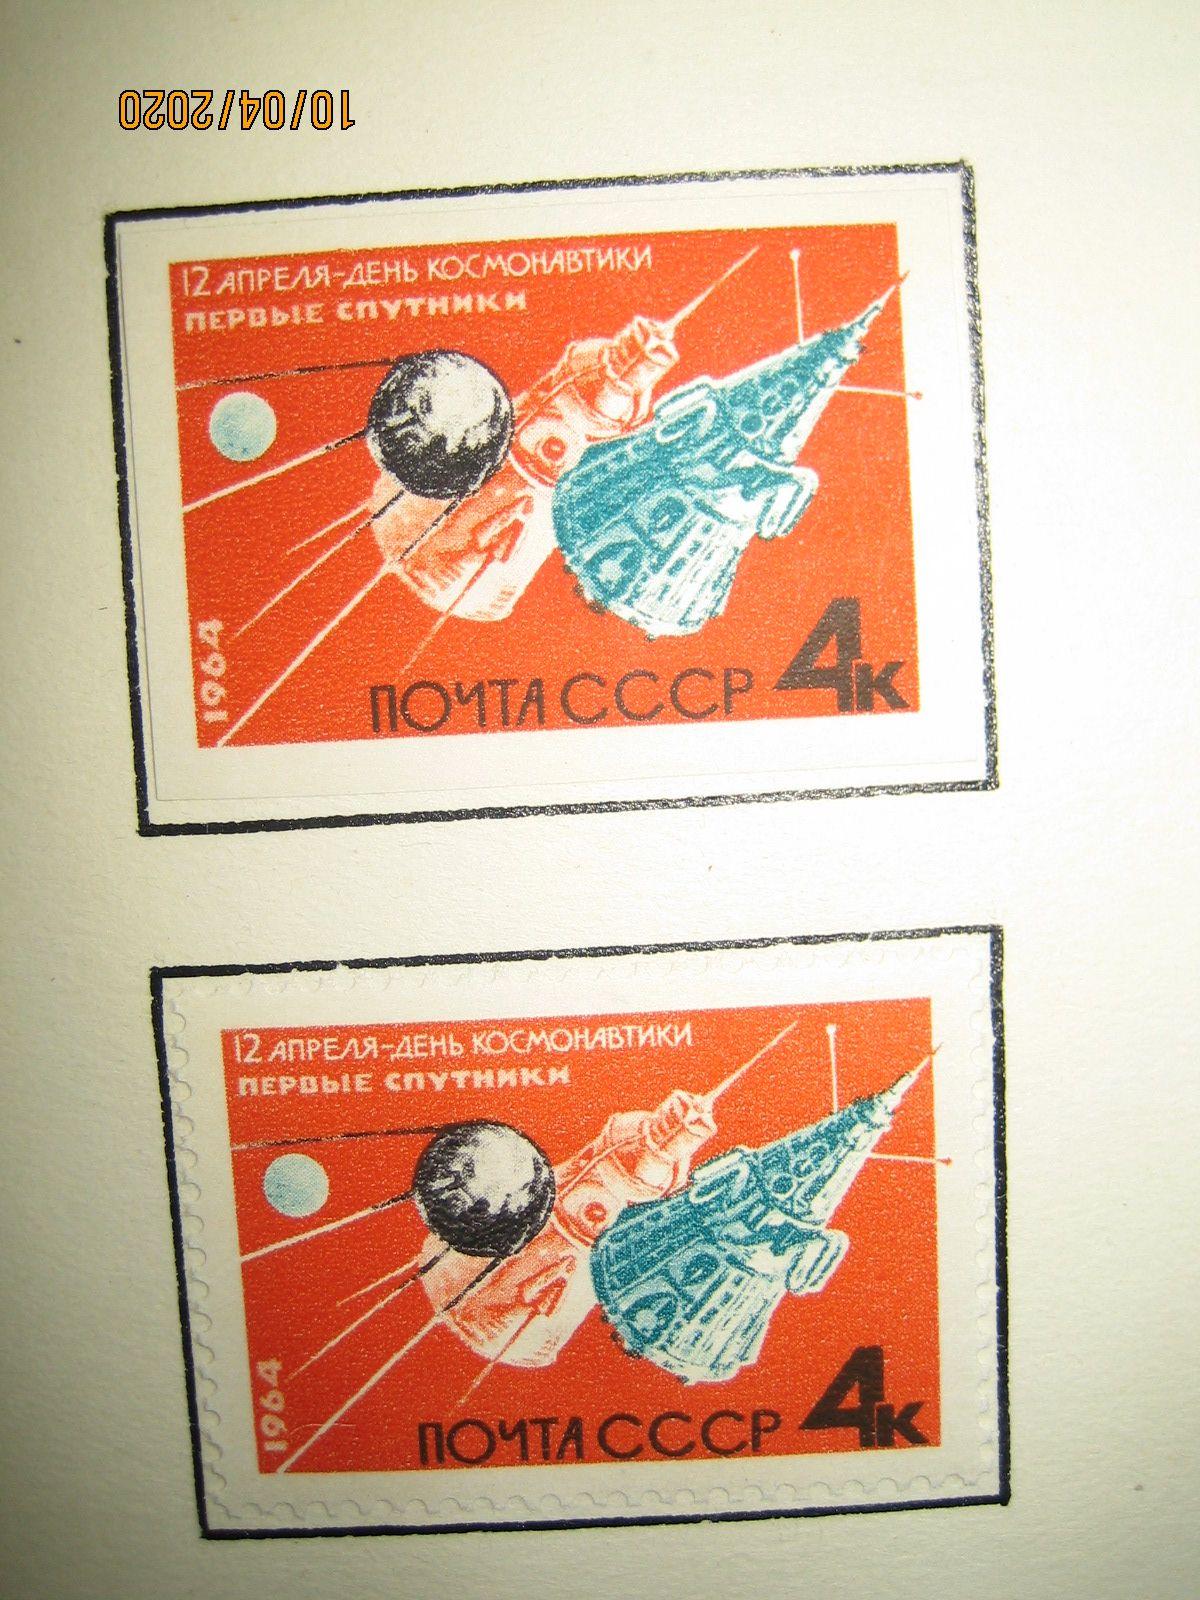 Первый второй и третий спутники Земли на марках 1964г. ко Дню космонавтики СССР.